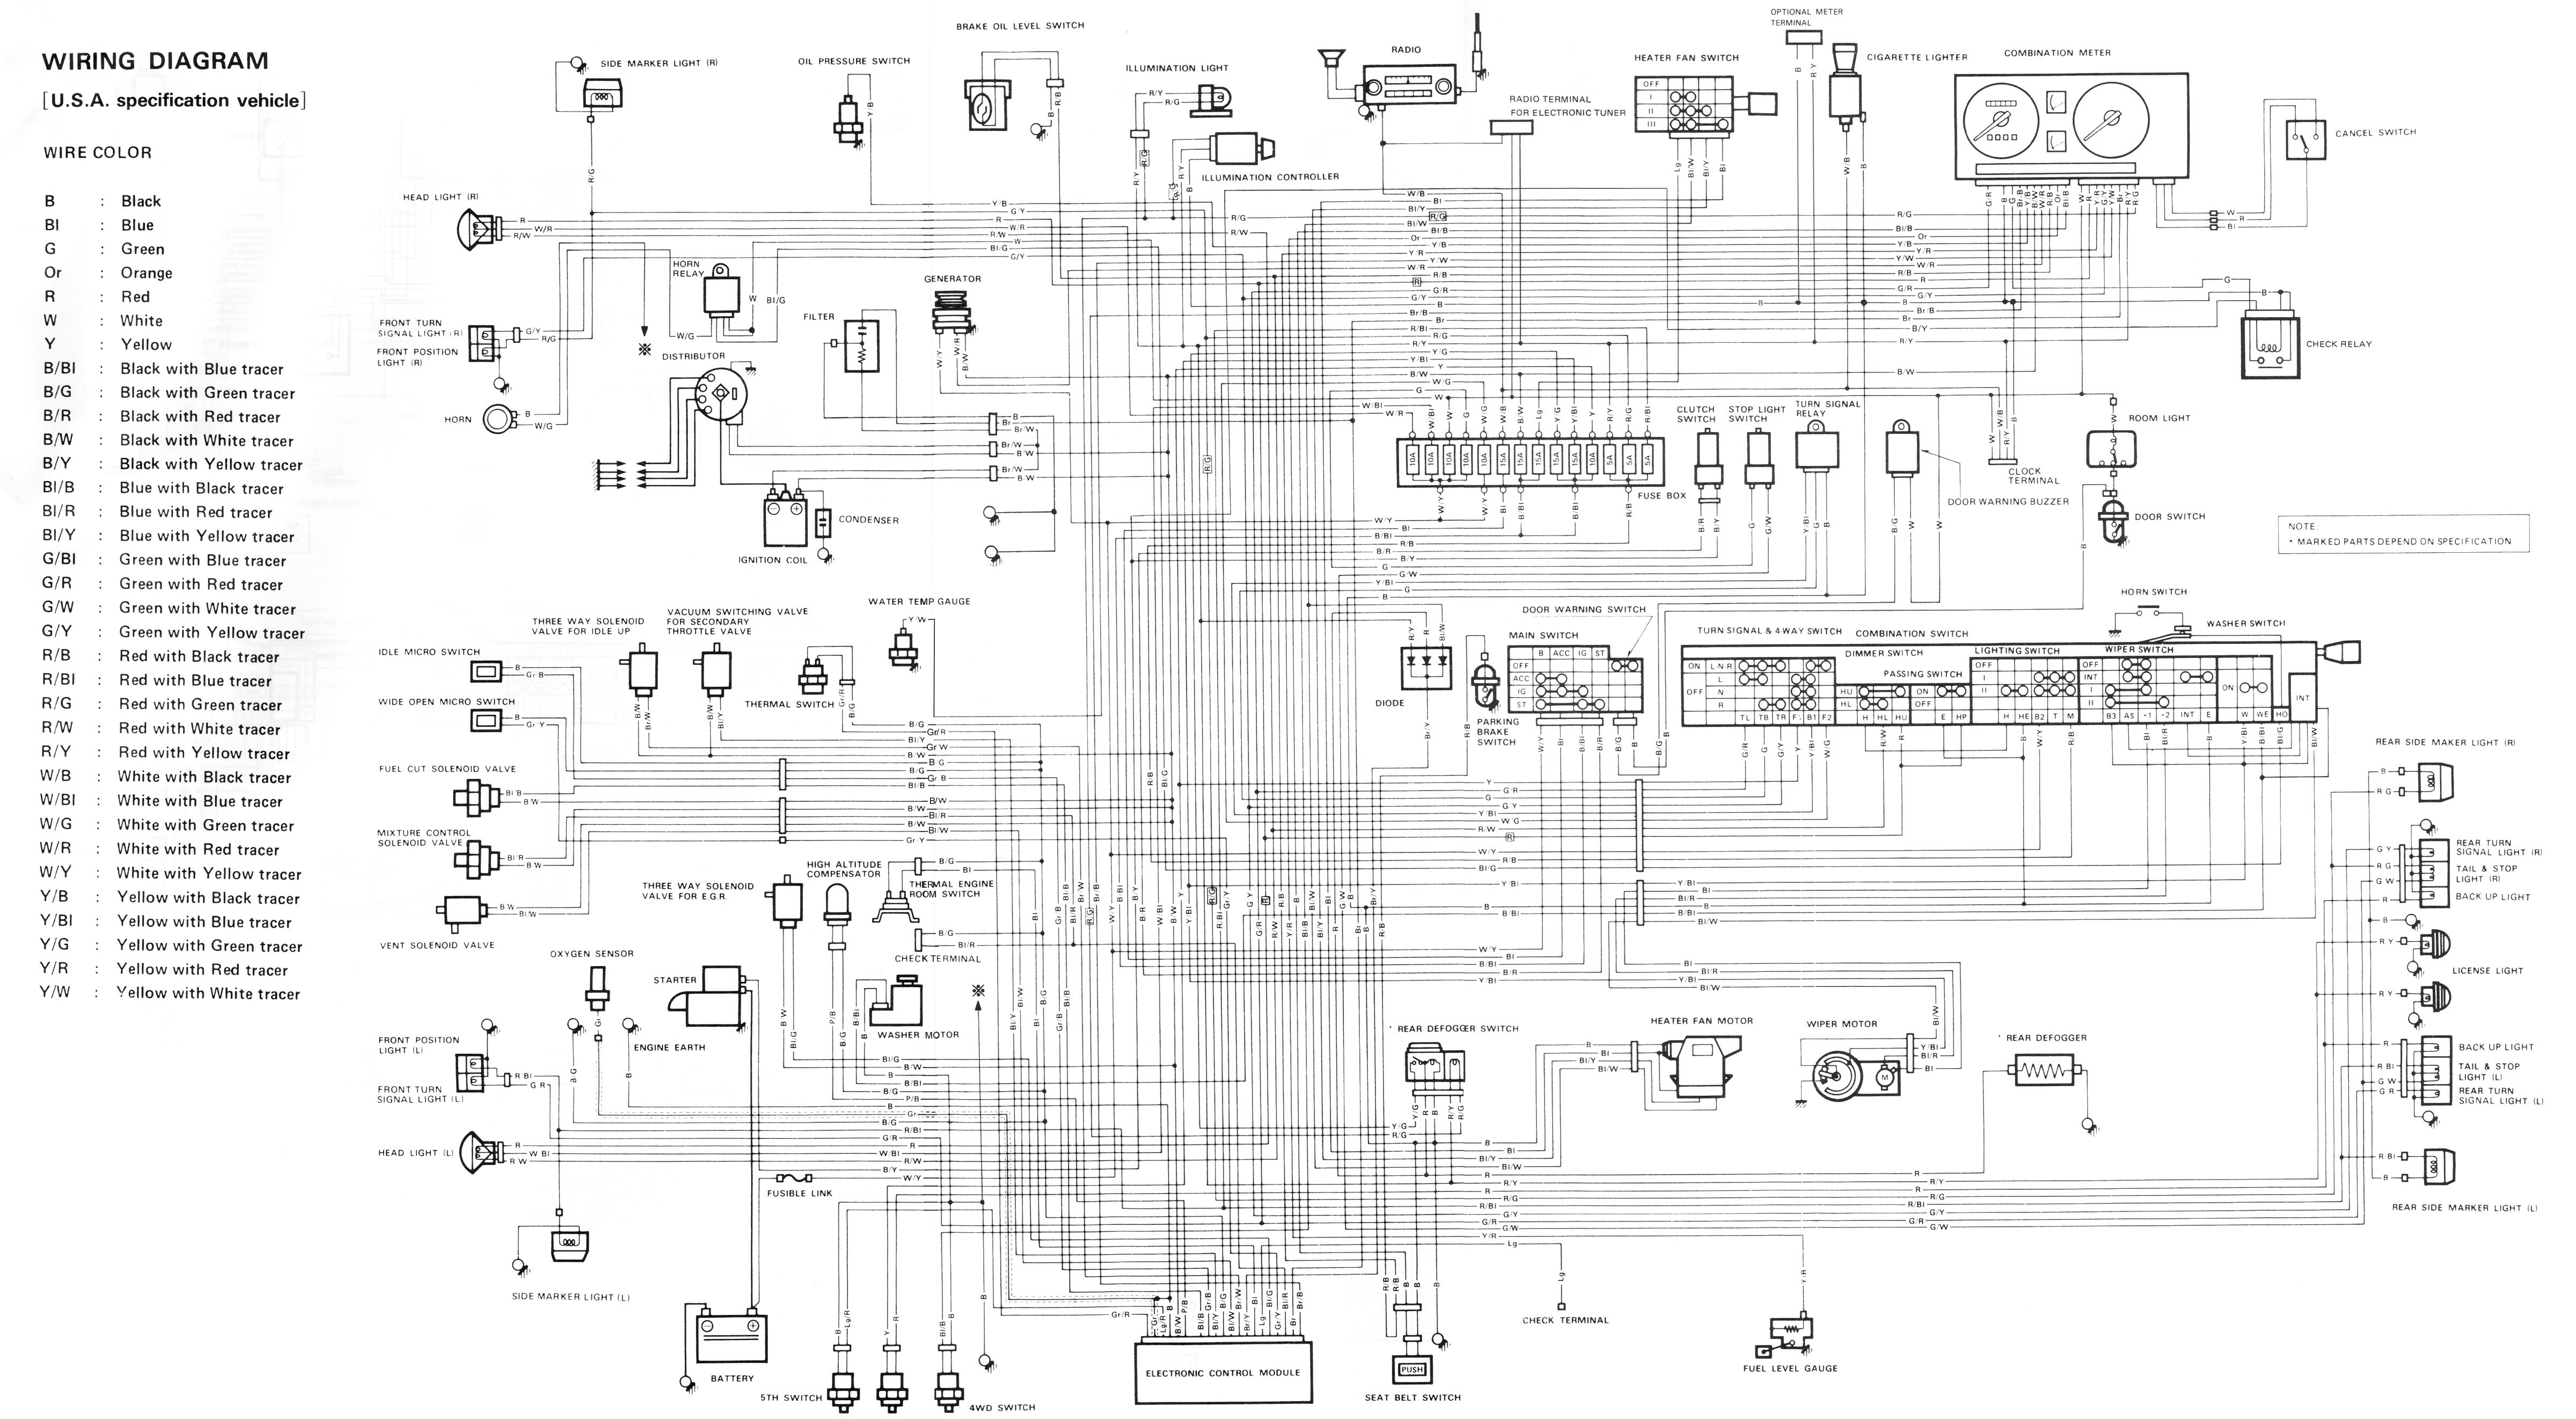 Suzuki Verona Transmission Parts Diagram in addition Plymouth Acclaim Engine Diagram together with Nissan Pathfinder Wiring Diagram Schemes likewise Fuse Box 2002 Suzuki Xl7 besides Wiring Harness Problems On 2004 Dodge Sel. on 1998 suzuki esteem fuse box